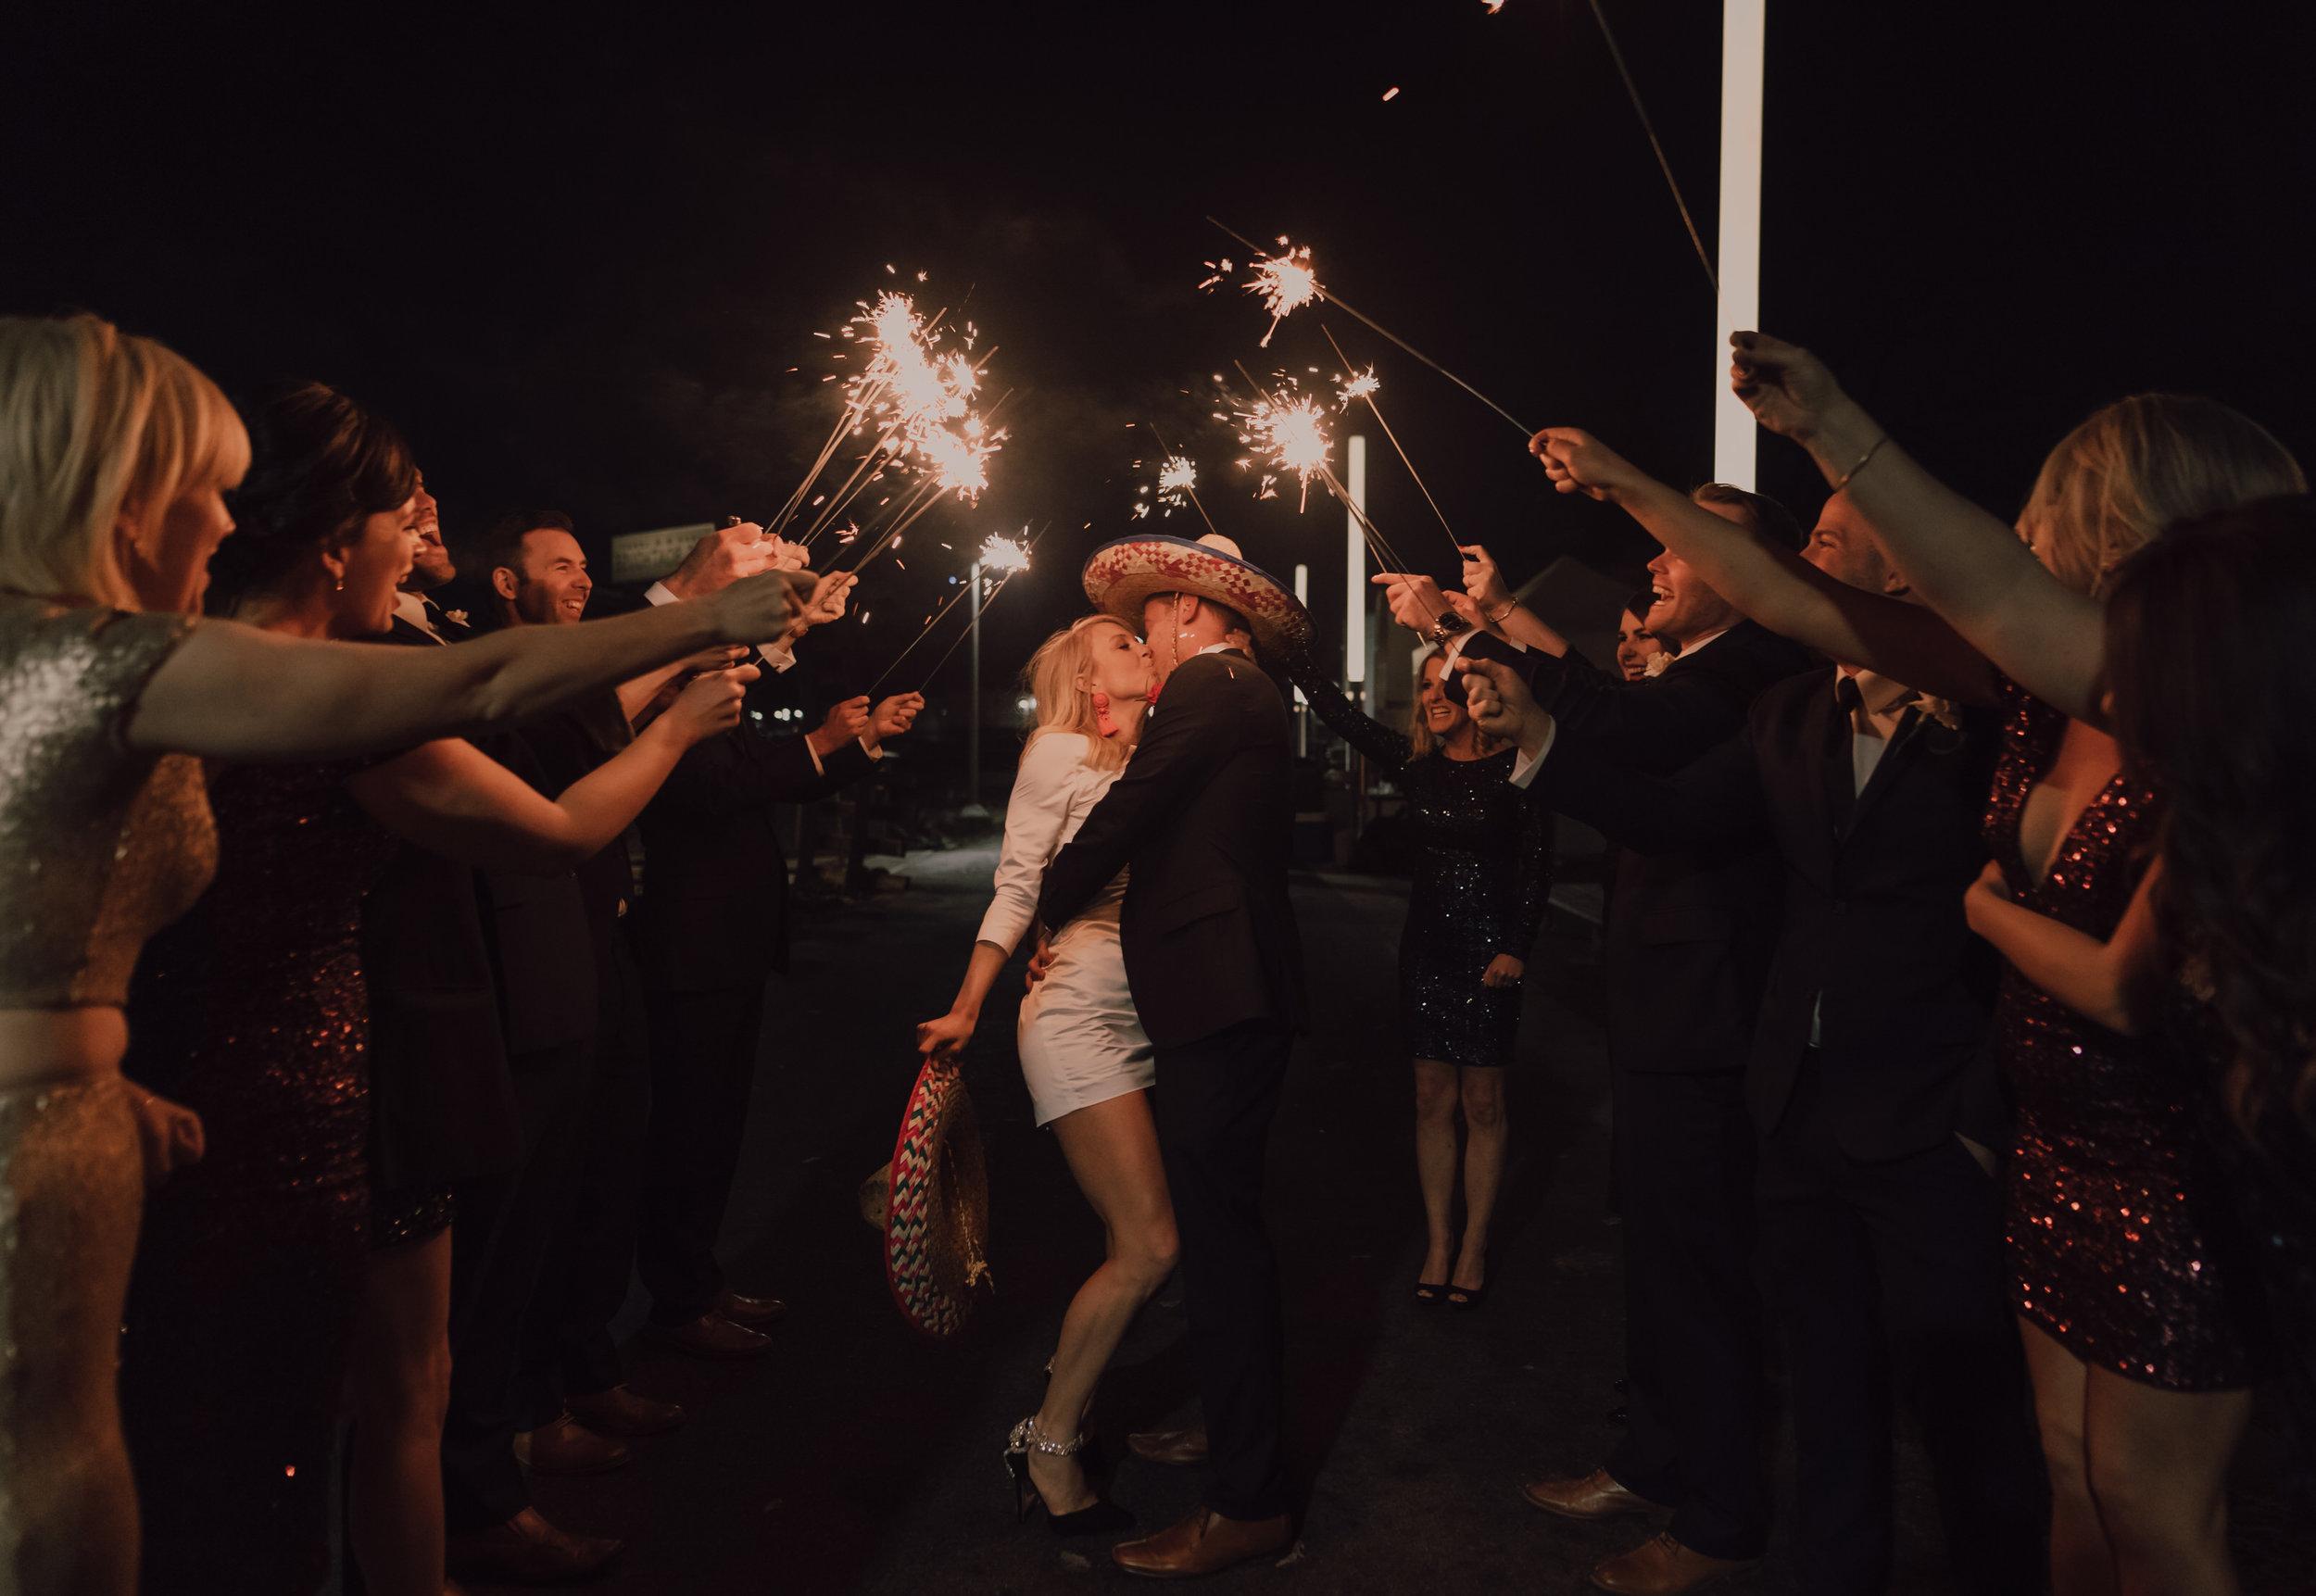 Vancouver New Years Eve Wedding - UBC Boathouse Wedding - Kitsilano Wedding Photos - Vancouver Wedding Photographer - Vancouver Wedding Videographer - 910.JPG